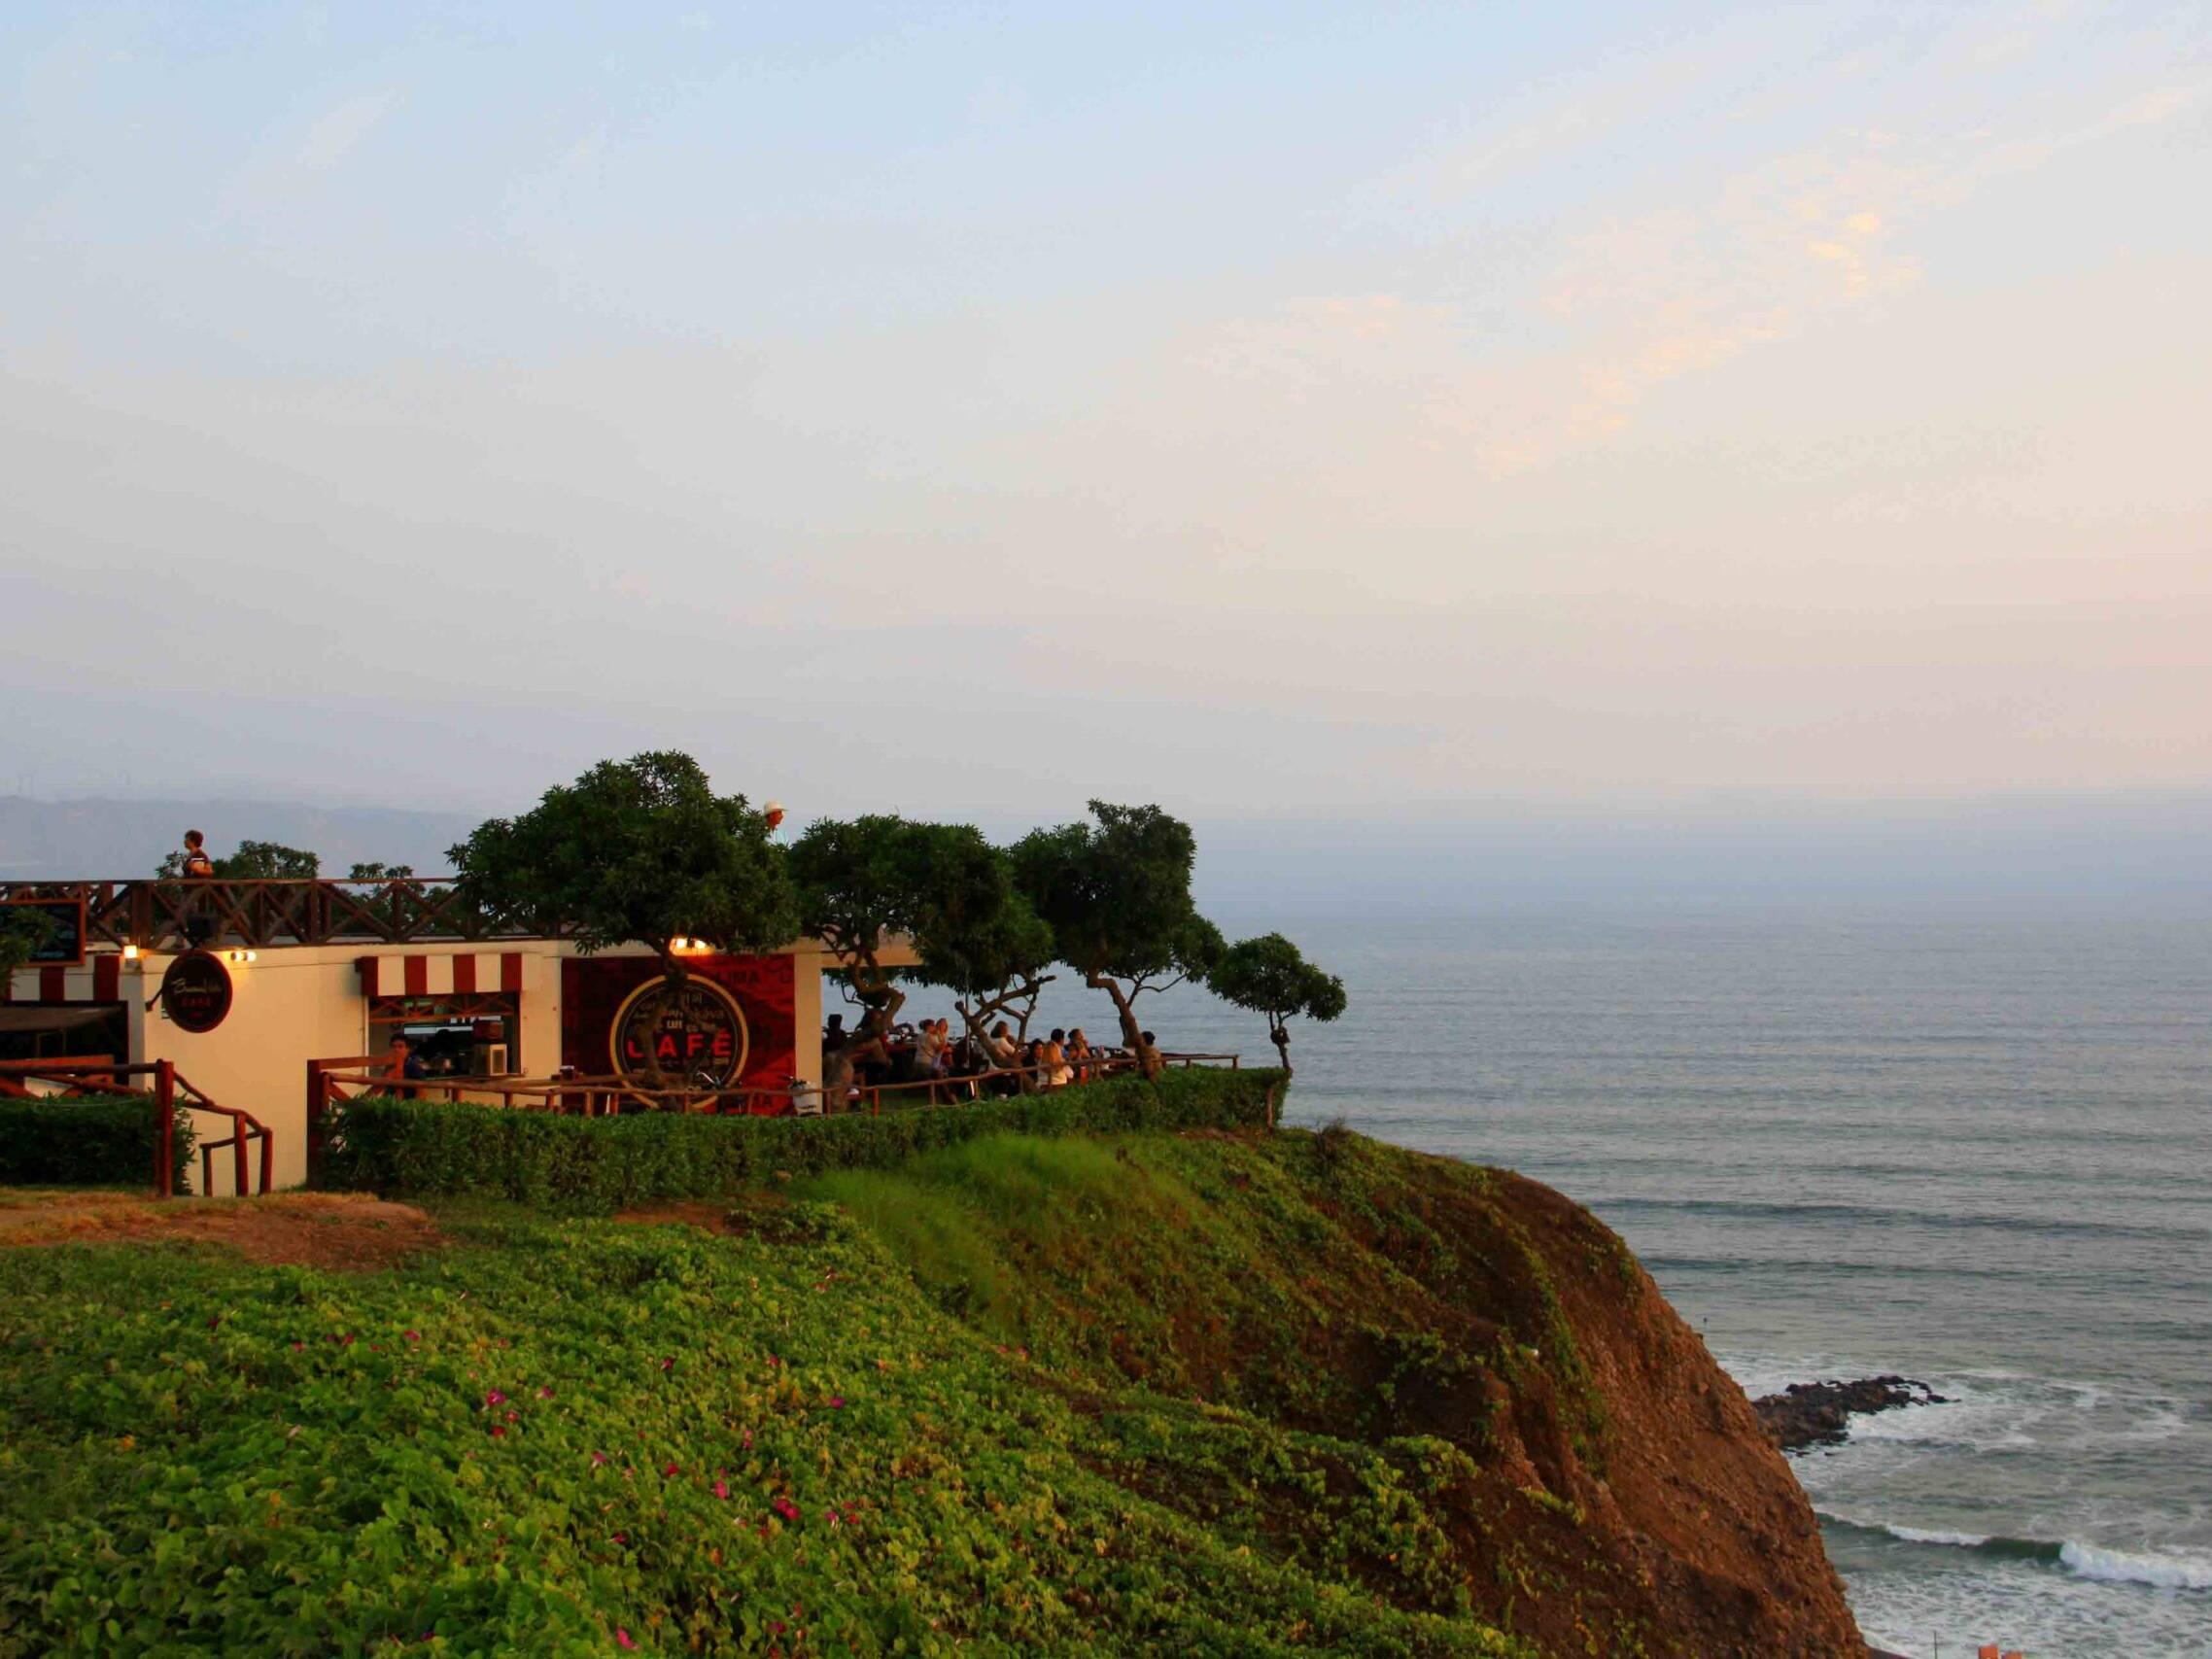 buena vista cafe in Lima Peru